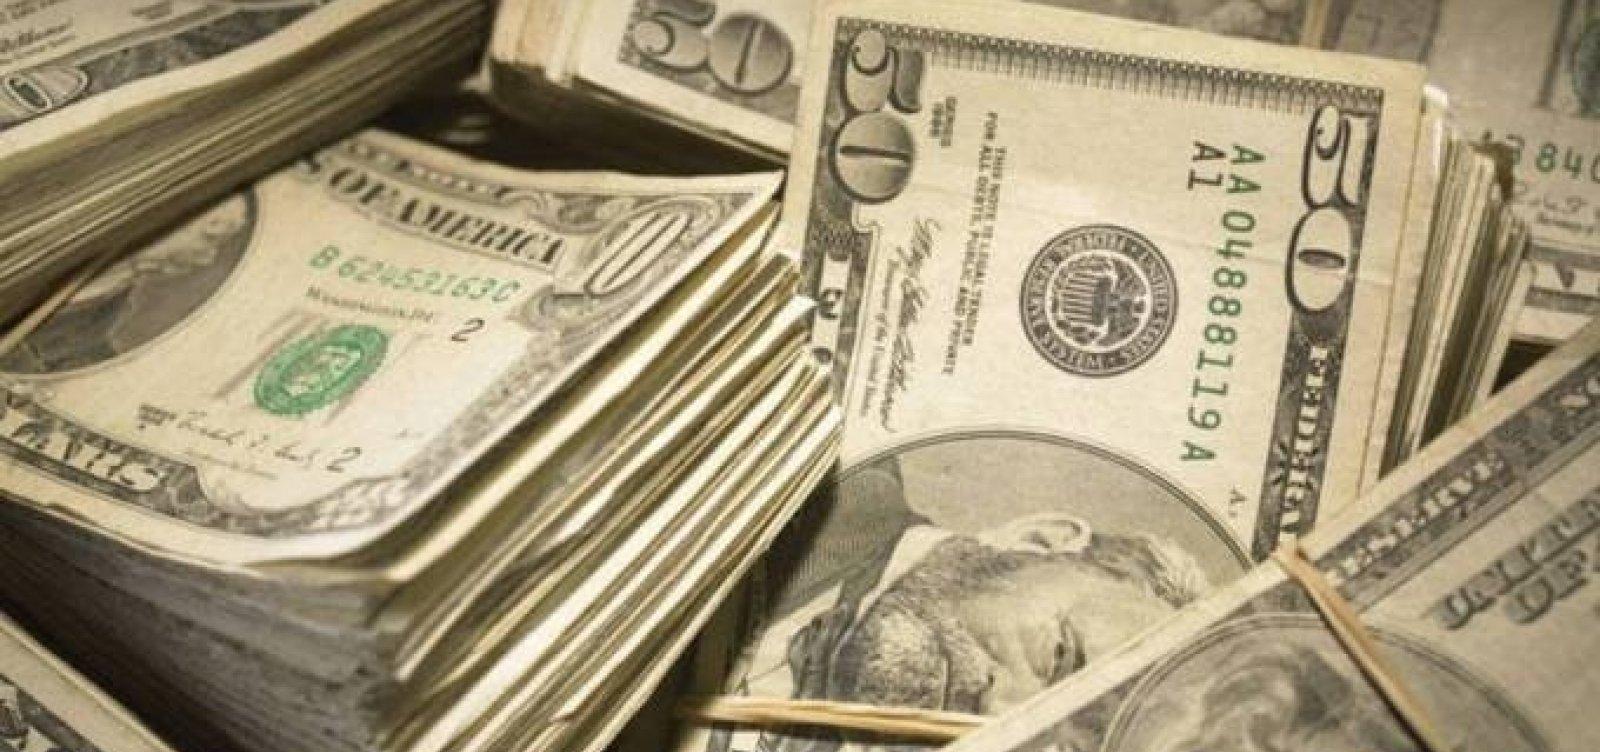 Com maior variação percentual diária em quatro meses, dólar fecha em alta de 2,17%